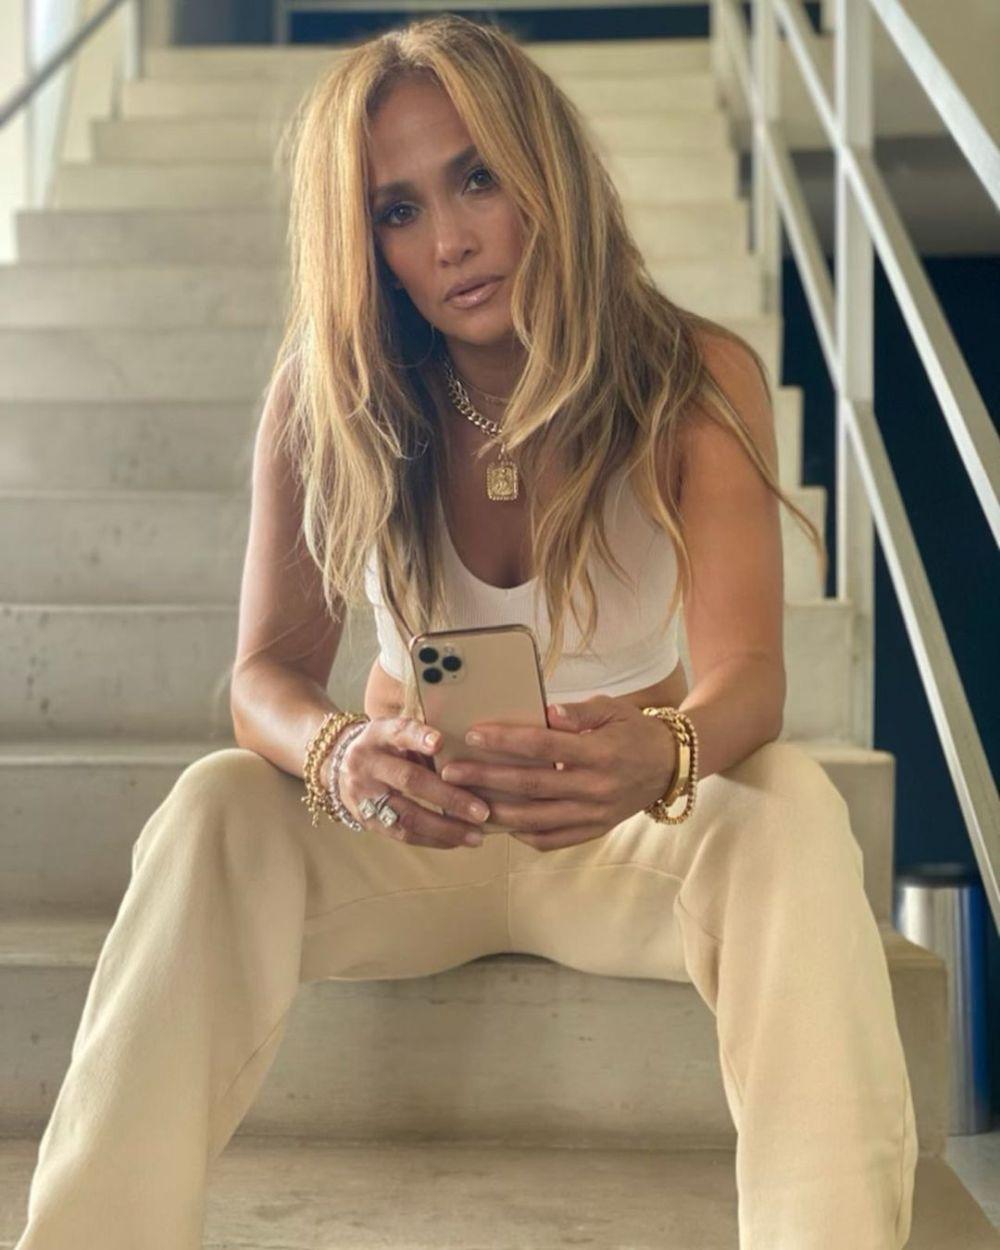 El pelo más rubio en tonos cálidos y el maquillaje en tonos marrones y nude que lleva Jennifer Lopez siempre favorece a todas las pieles y complexiones.